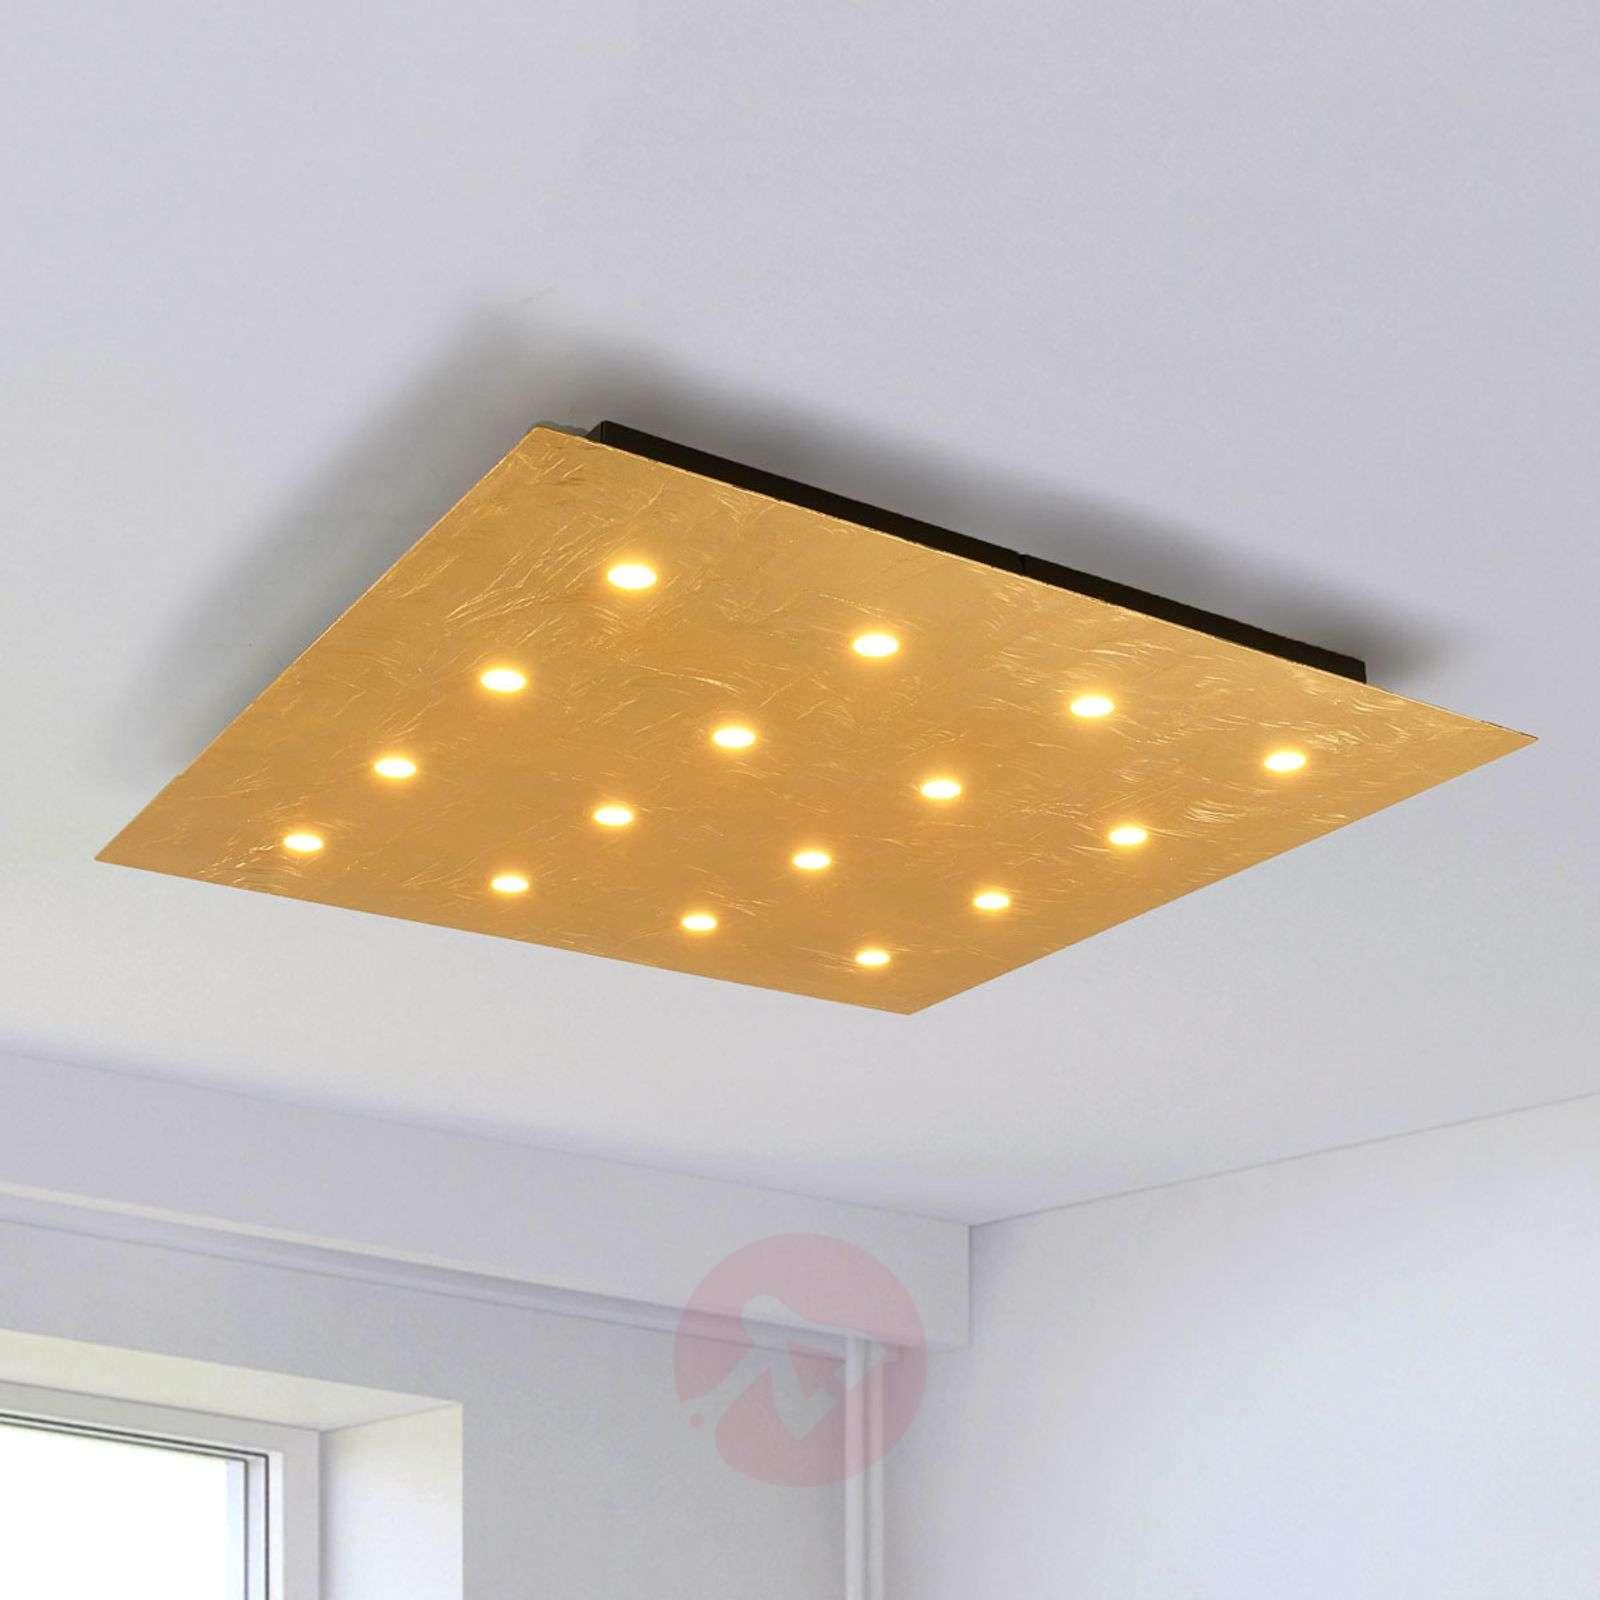 Puristinen LED-kattovalaisin Juri valm. Saksassa-6722335-01